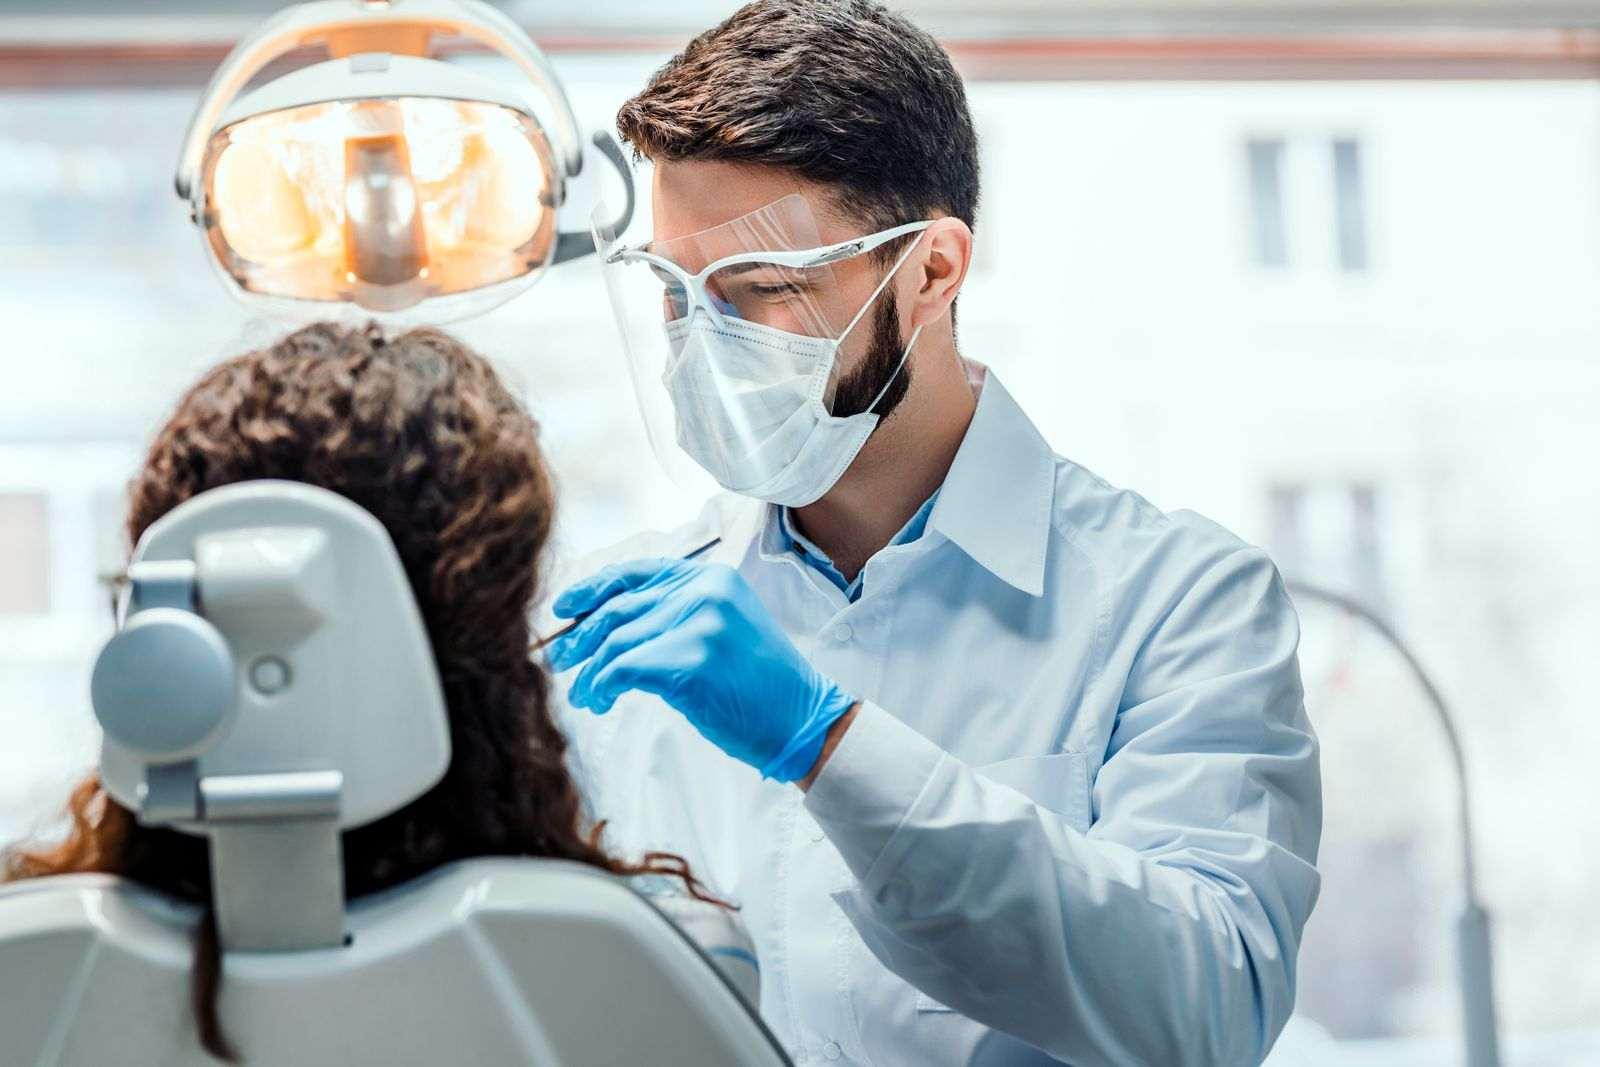 mesures en place à la clinique dentaire